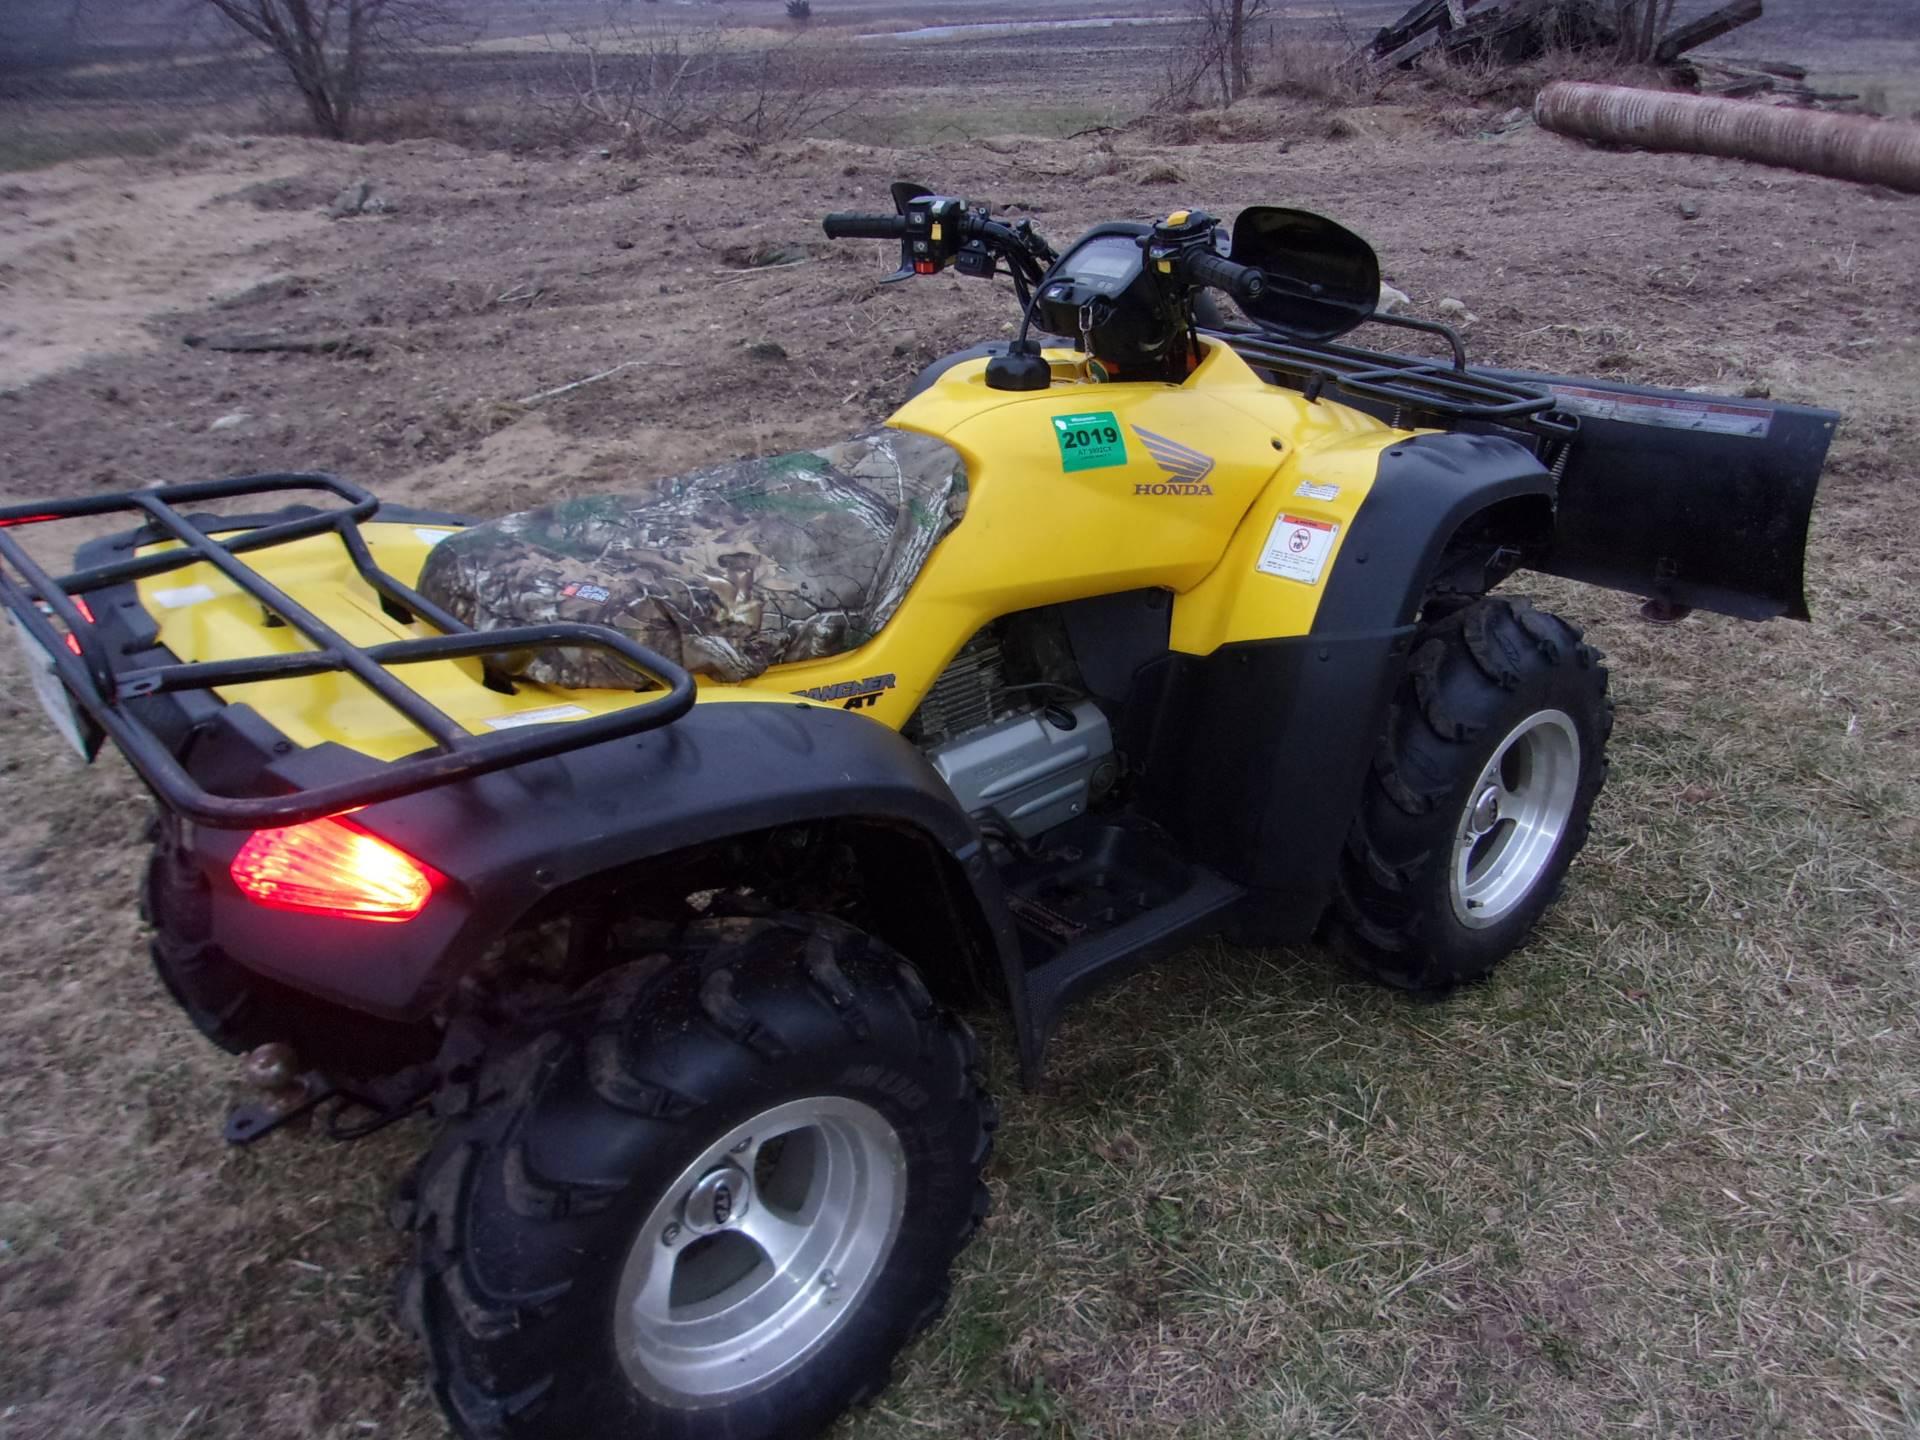 2005 Honda FourTrax Rancher AT 6